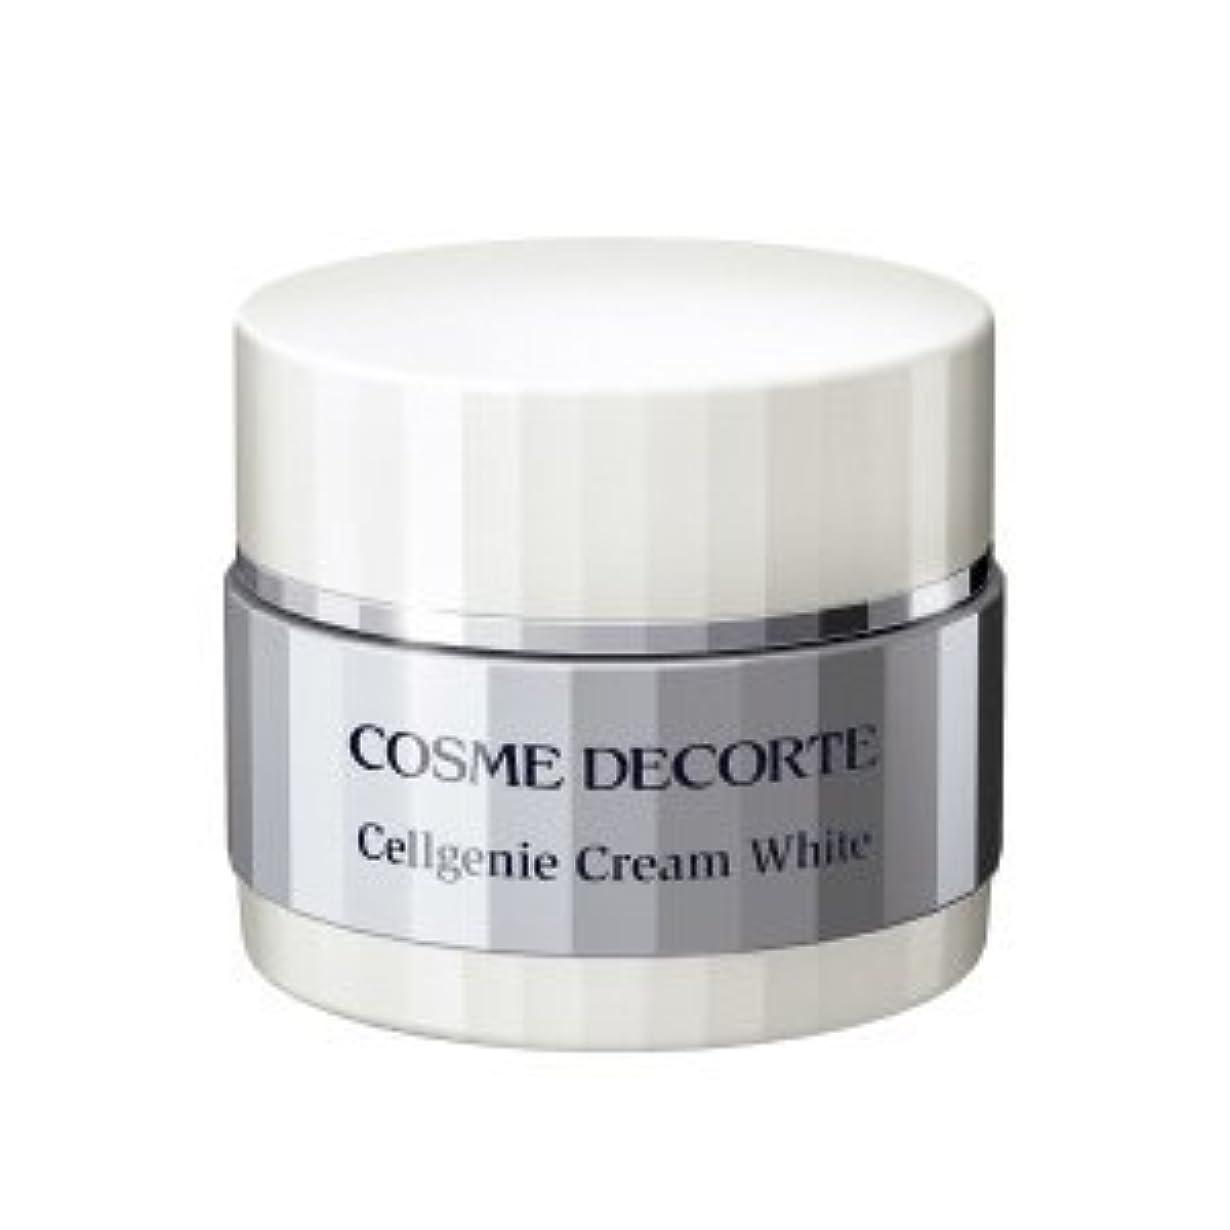 圧縮された何物足りないコスメ デコルテ(COSME DECORTE) セルジェニー クリーム ホワイト 30g[並行輸入品]